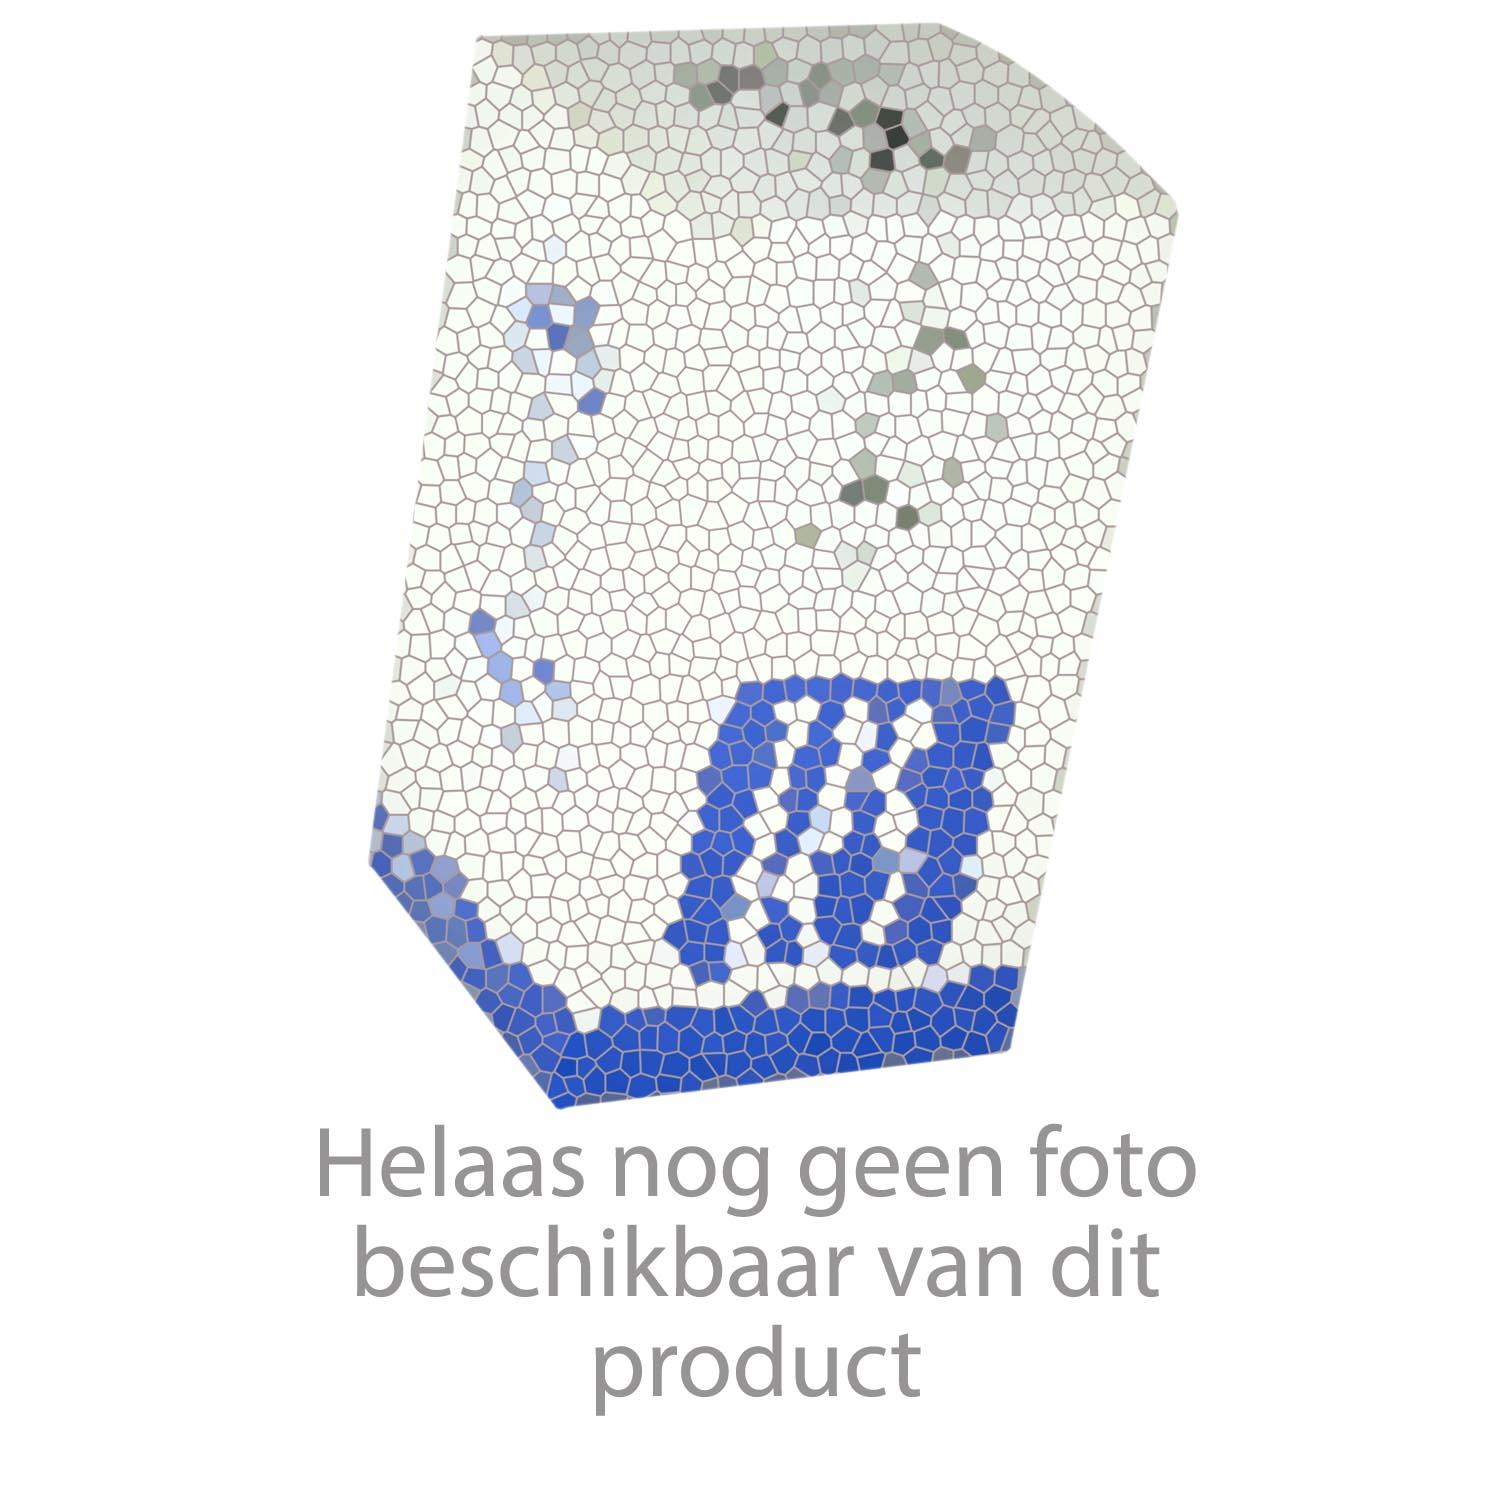 HansGrohe Afvoer- en overloopgarnituren Uniplus '90 productiejaar 09/90 - 12/99 64995 onderdelen